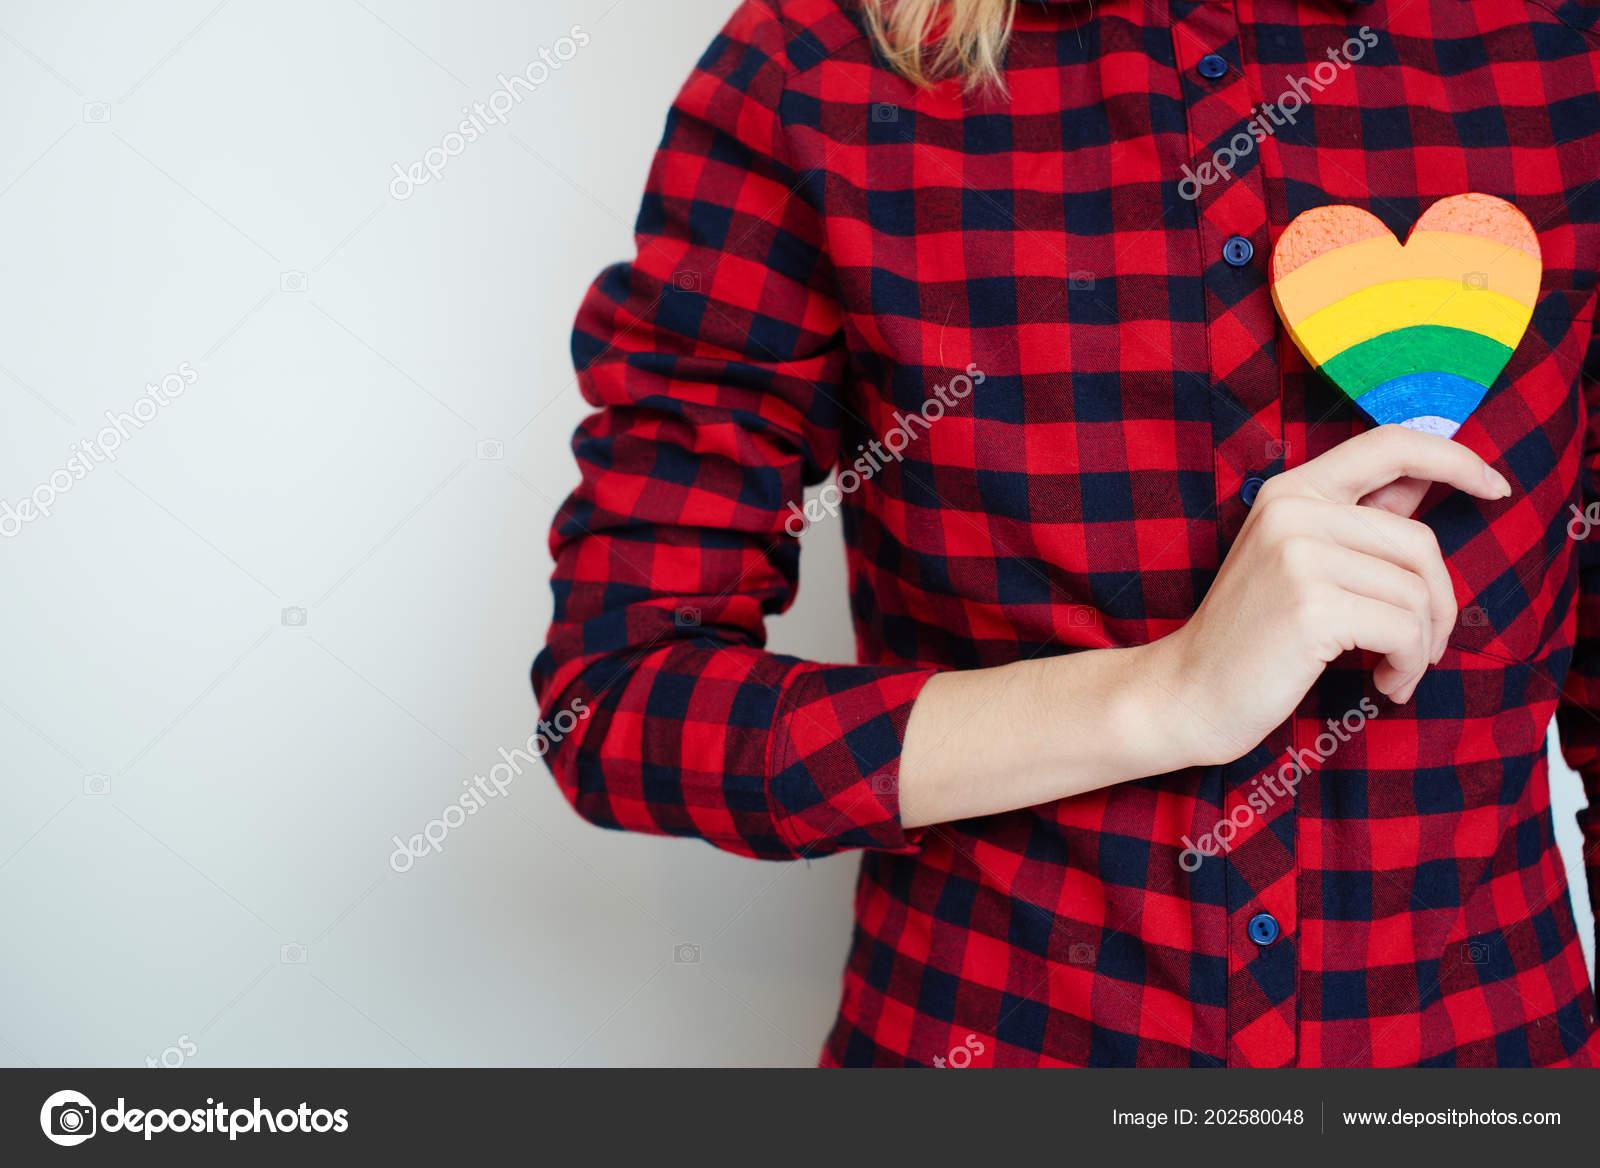 Overhemd Rood Zwart Geblokt.Vrouw Rood Zwart Geblokte Overhemd Houden Hart Geschilderd Kleuren